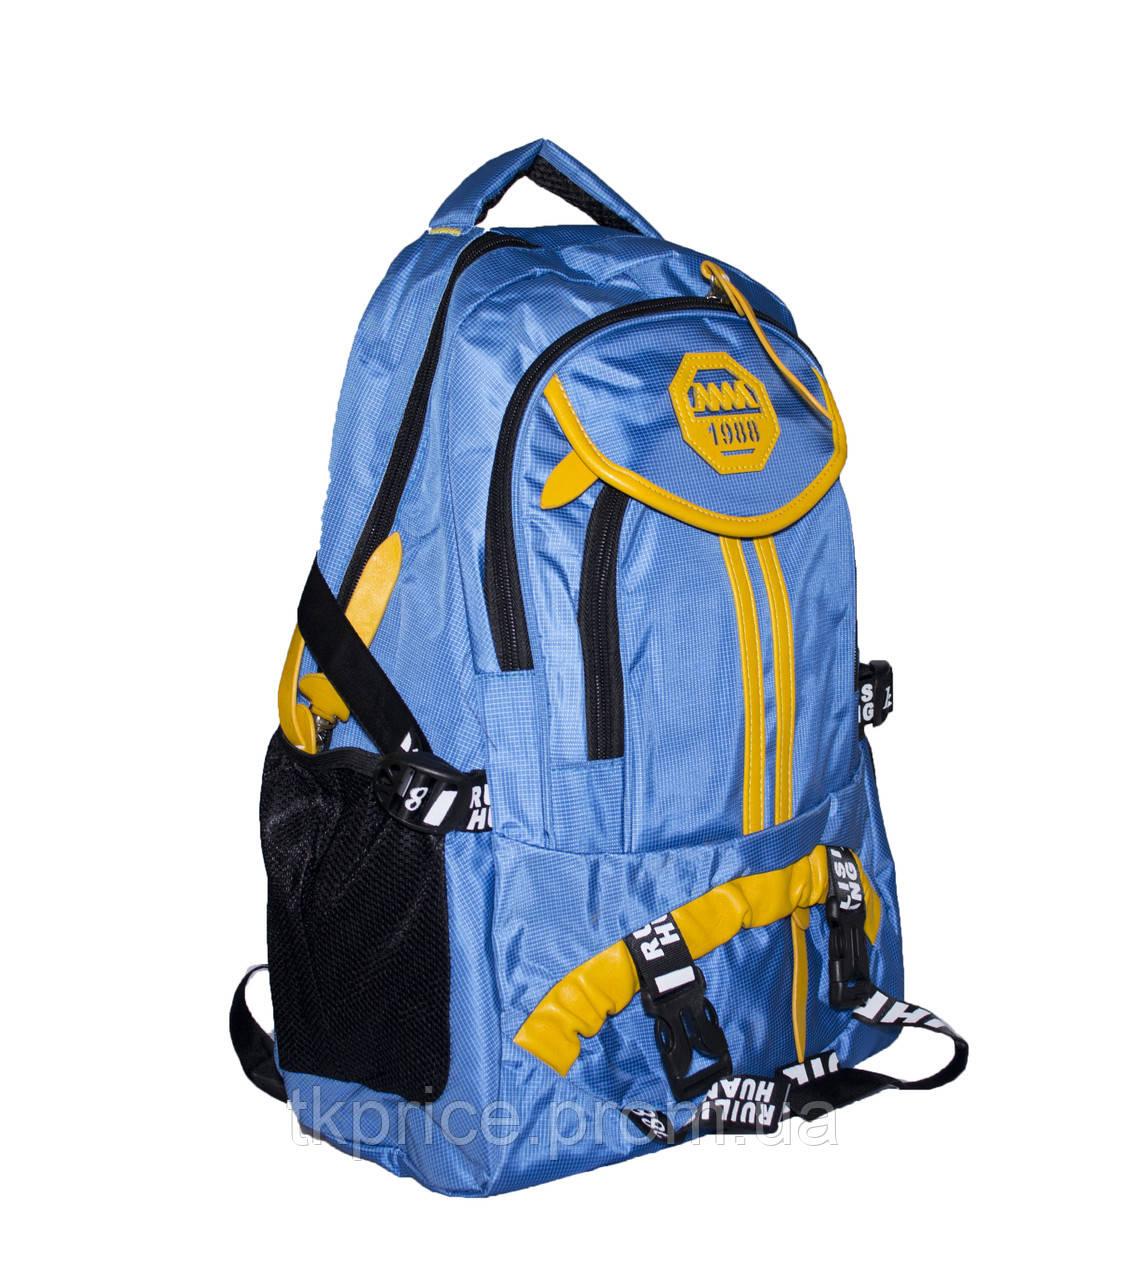 5bb4c8581186 Универсальный Рюкзак для Школы и Прогулок Голубой — в Категории ...